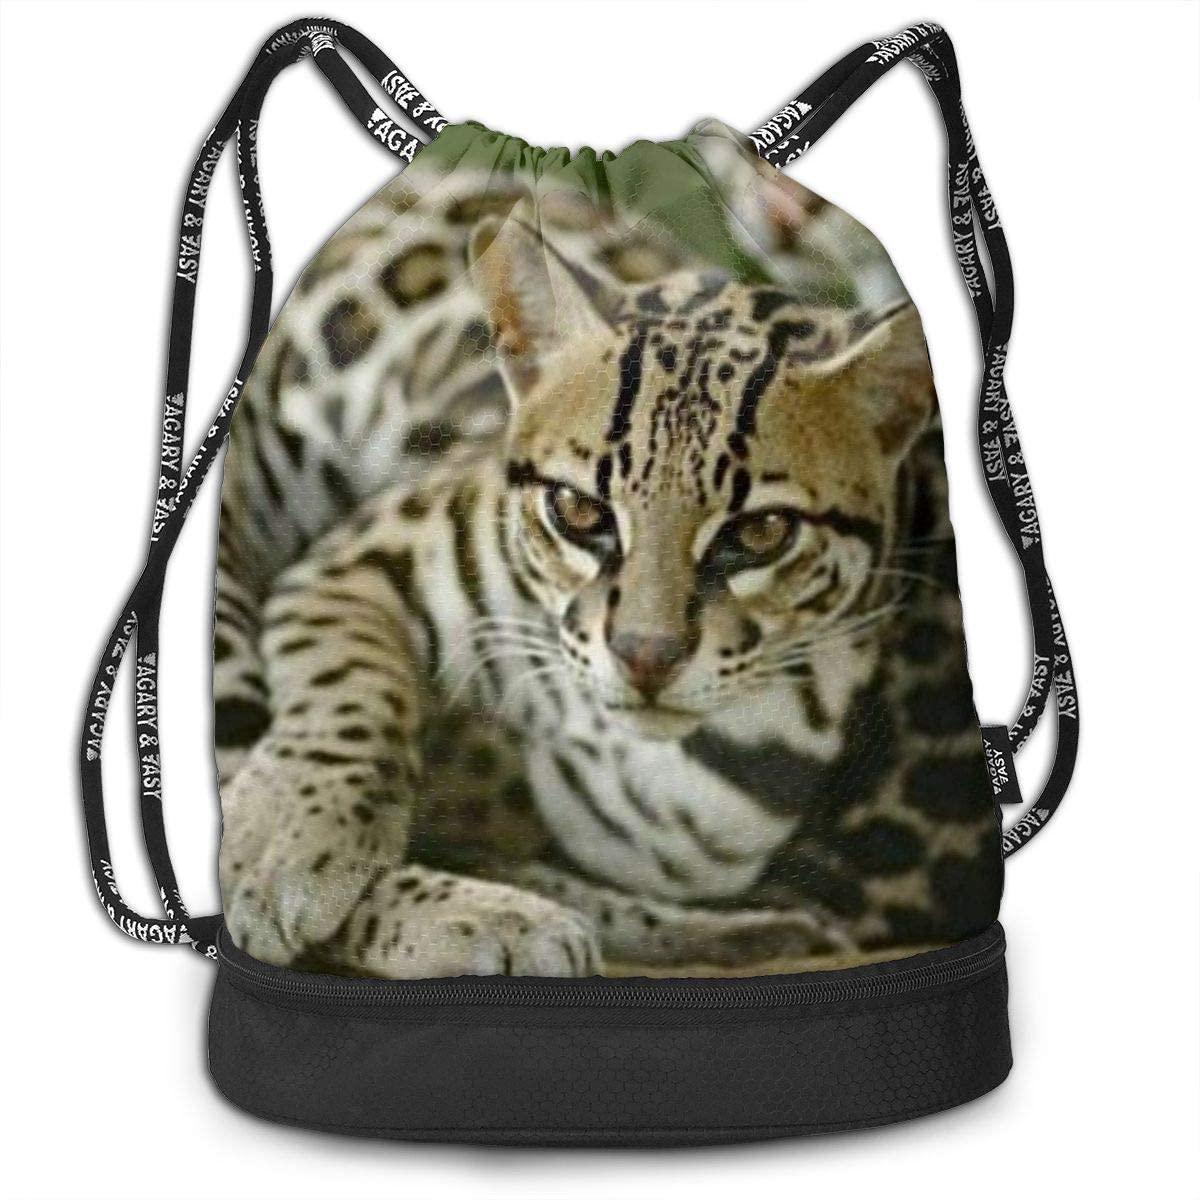 Leopard Cat Drawstring Backpack Bag Sport Gym Sackpack Unisex Short Trip Bundle Backpack